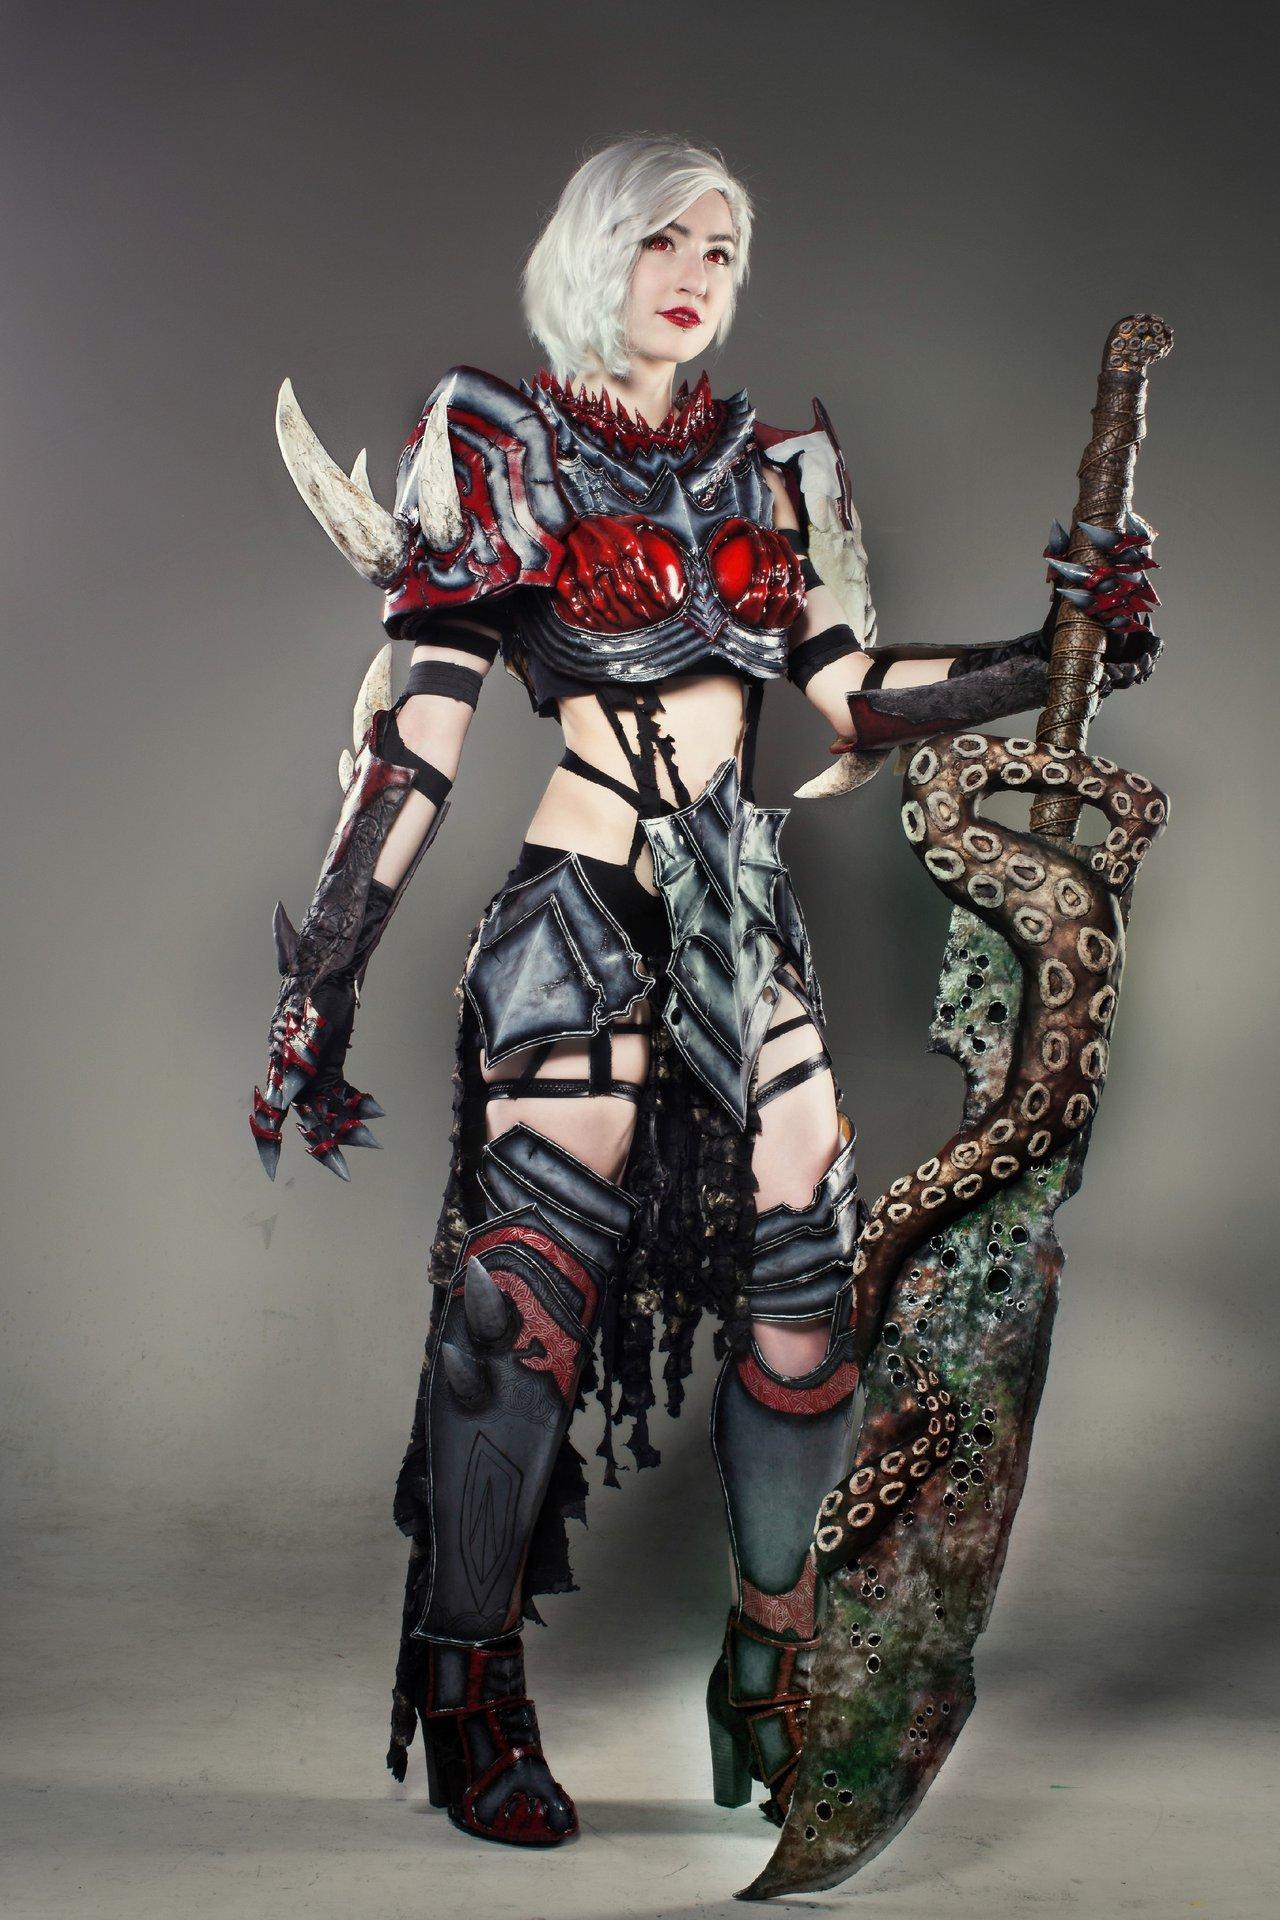 Warrior cosplayer photo